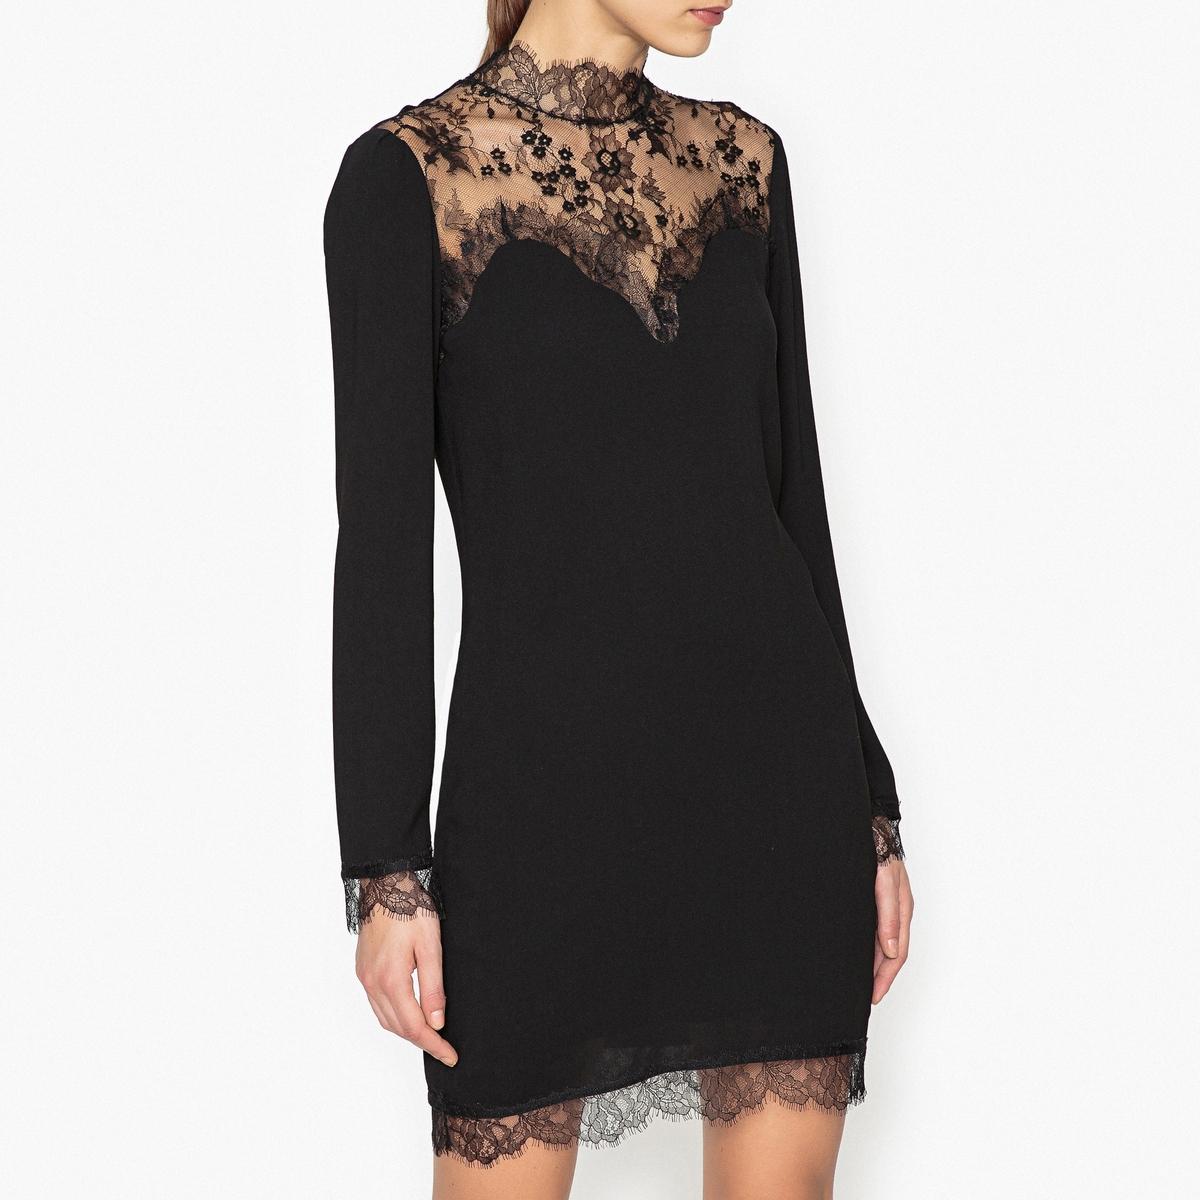 купить Платье с кружевными вставками недорого